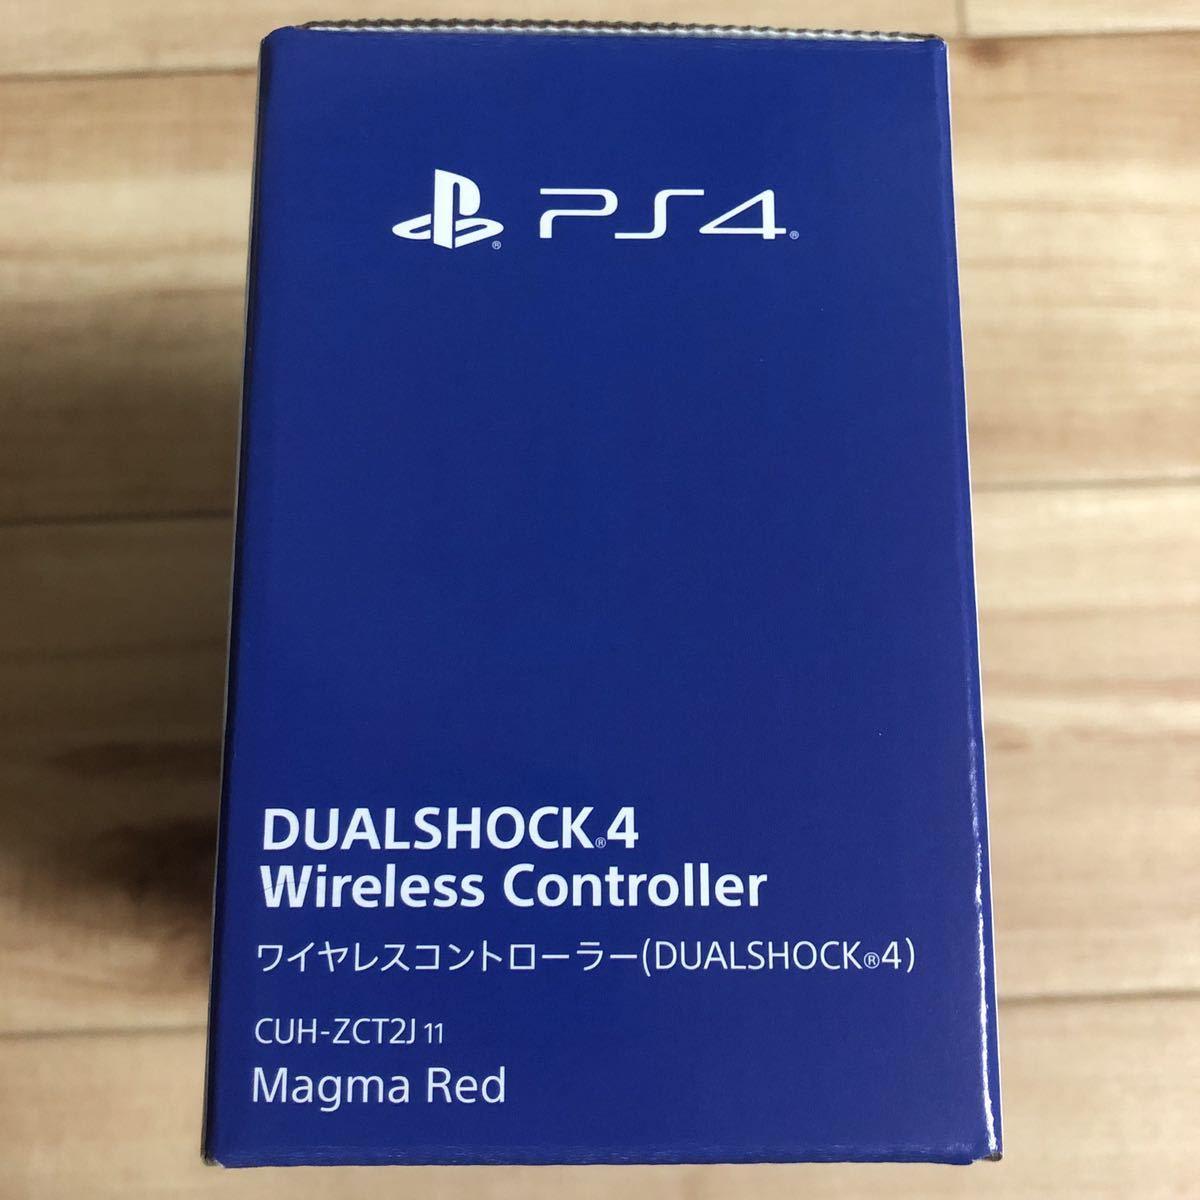 即日配送! 保証あり! 送料無料 新品未使用 PS4 ワイヤレスコントローラー DUALSHOCK4 SONY CUH-ZCT2J マグマレッド レッド 純正